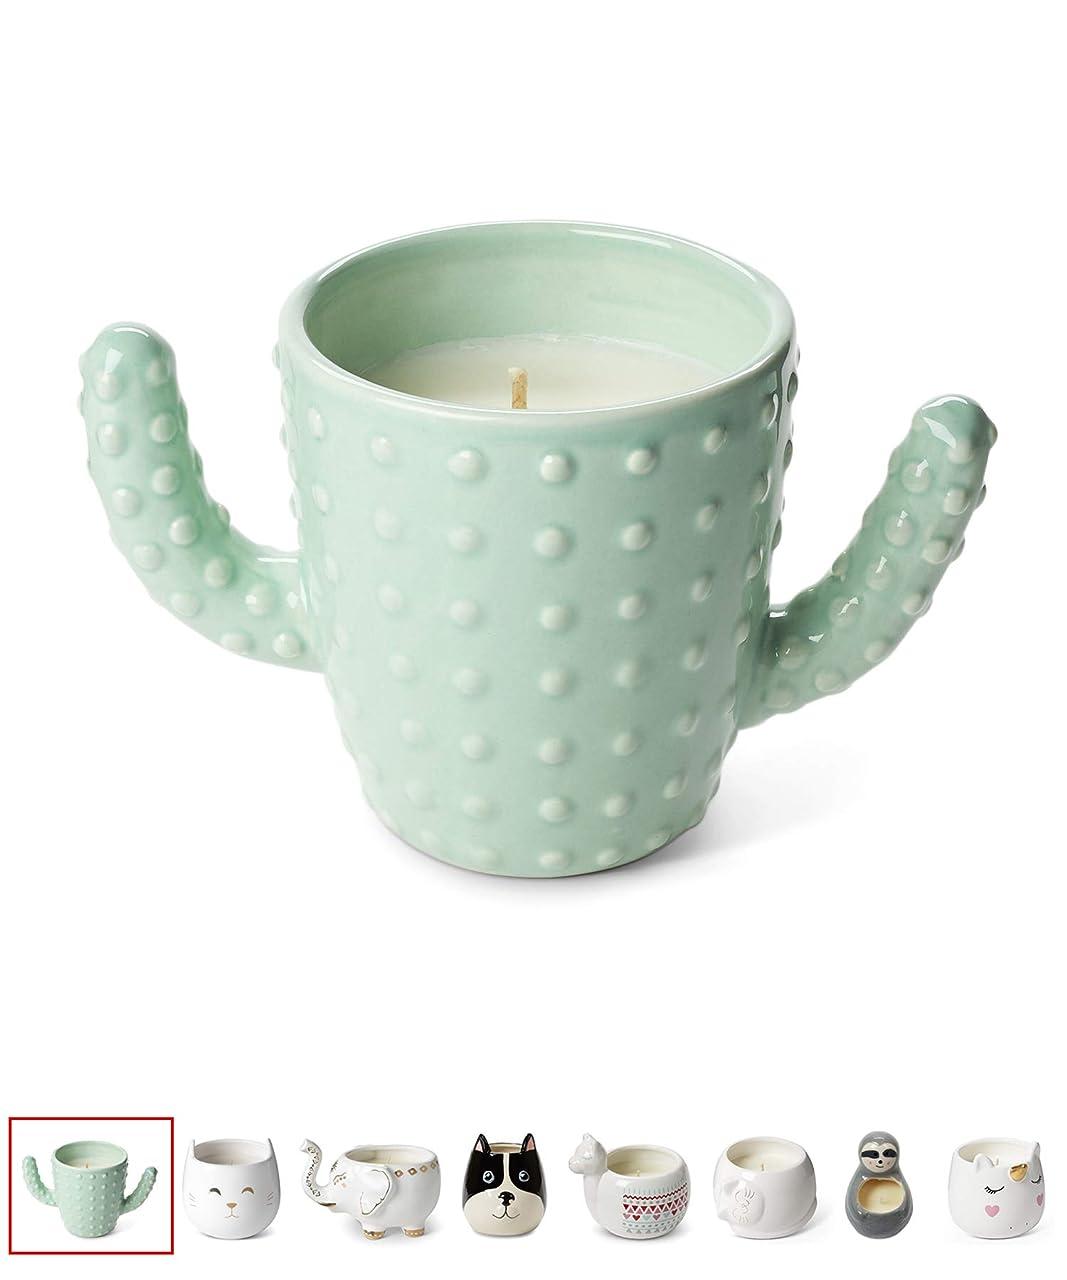 弱いジュースワックスTri-coastal Design Small Cute Scented Wax Candles Ceramic Cactus Shaped Candle for Aromatherapy, Stress Relief and Relaxation - Calming Aroma Scented Luxury Candle - 12 Oz 141[並行輸入]